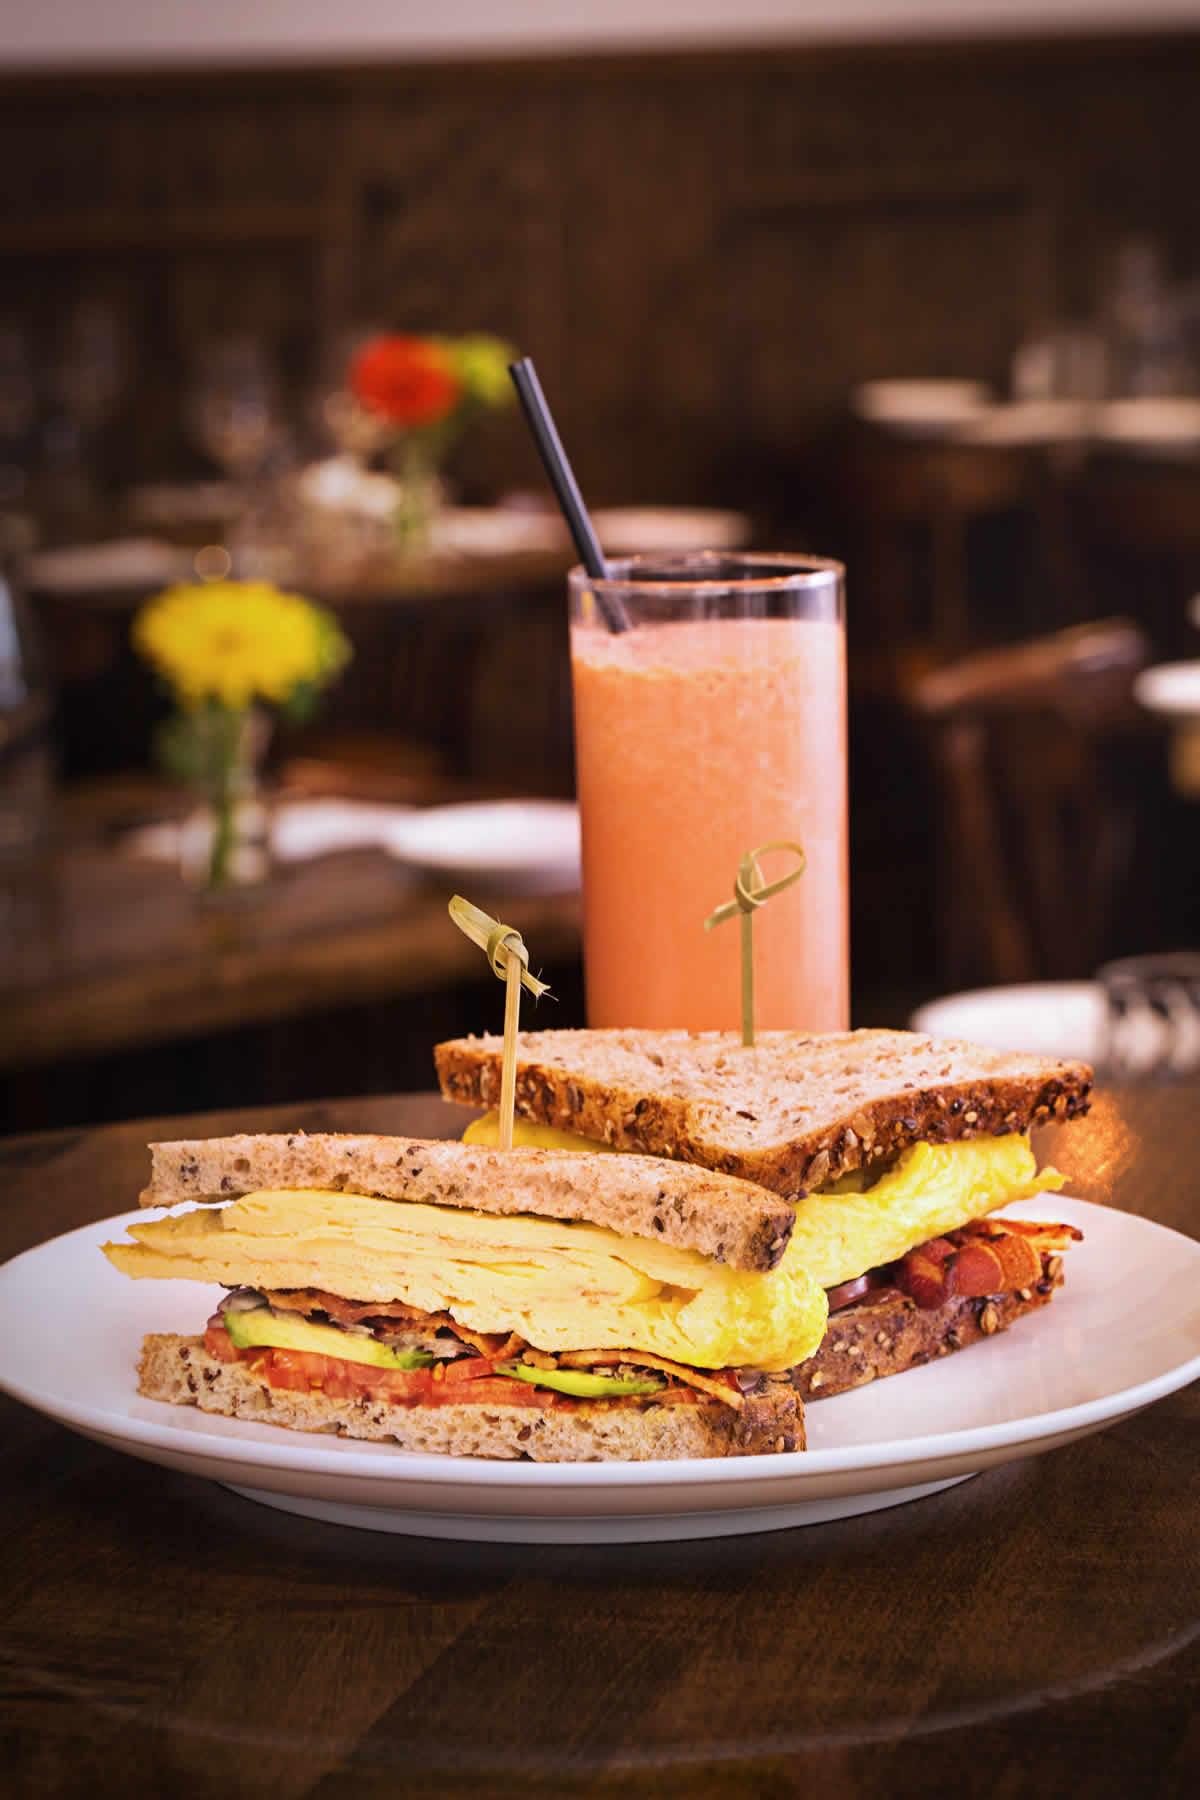 La Isla Breakfast Sandwich & Batido